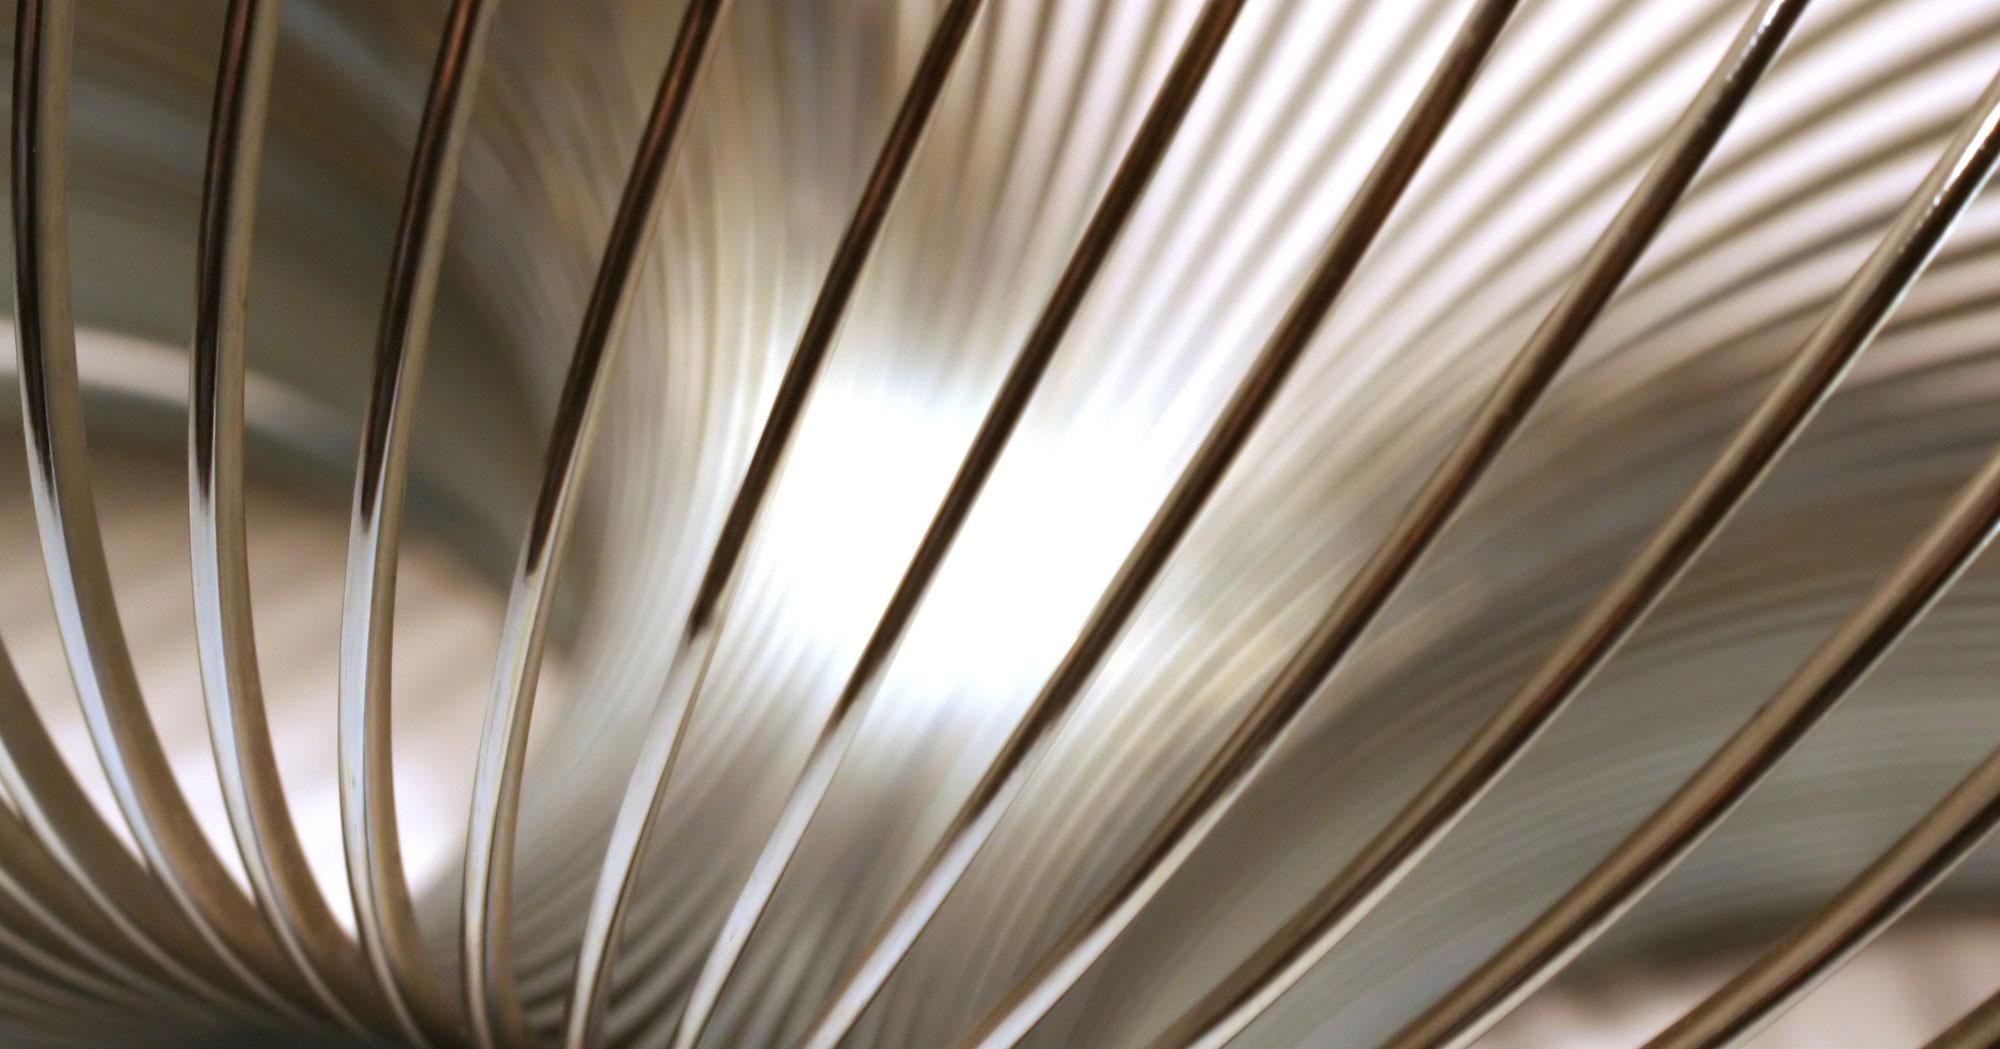 Gesim Groupement Des Entreprises Siderurgiques Et Metallurgiques